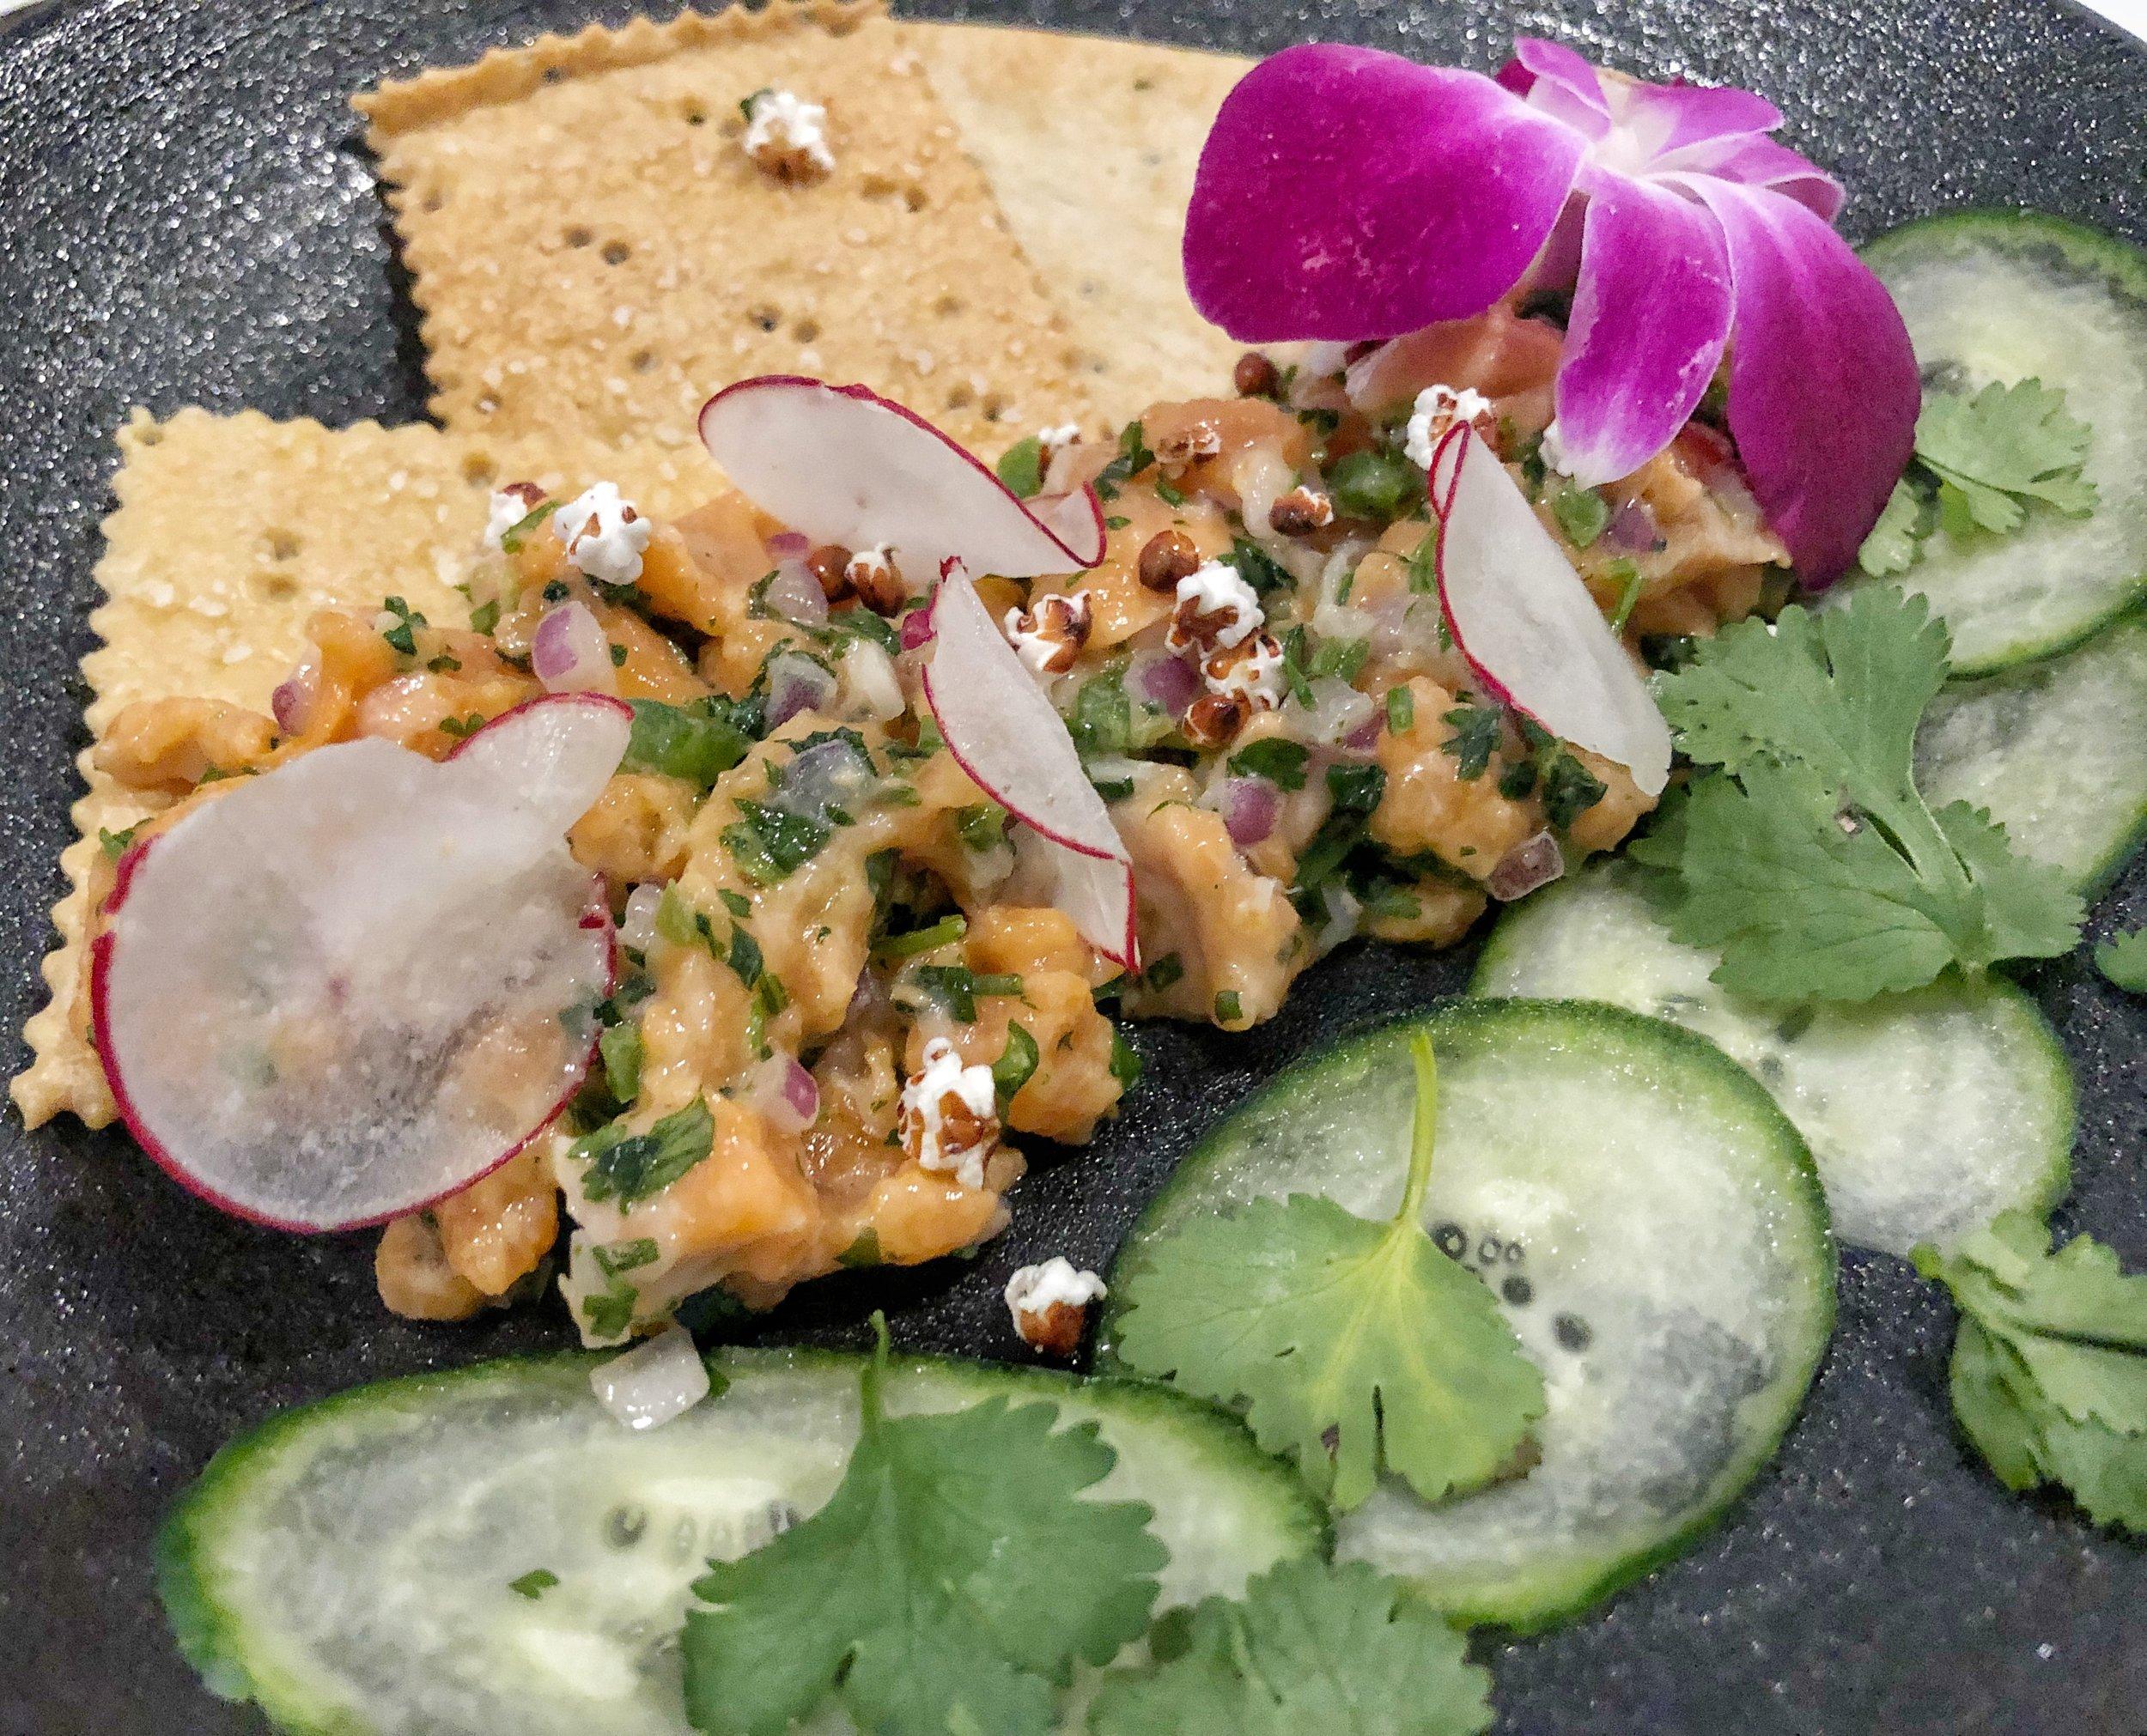 Arctic Char Ceviche - cukes, radish, cilantro, popped sorghum